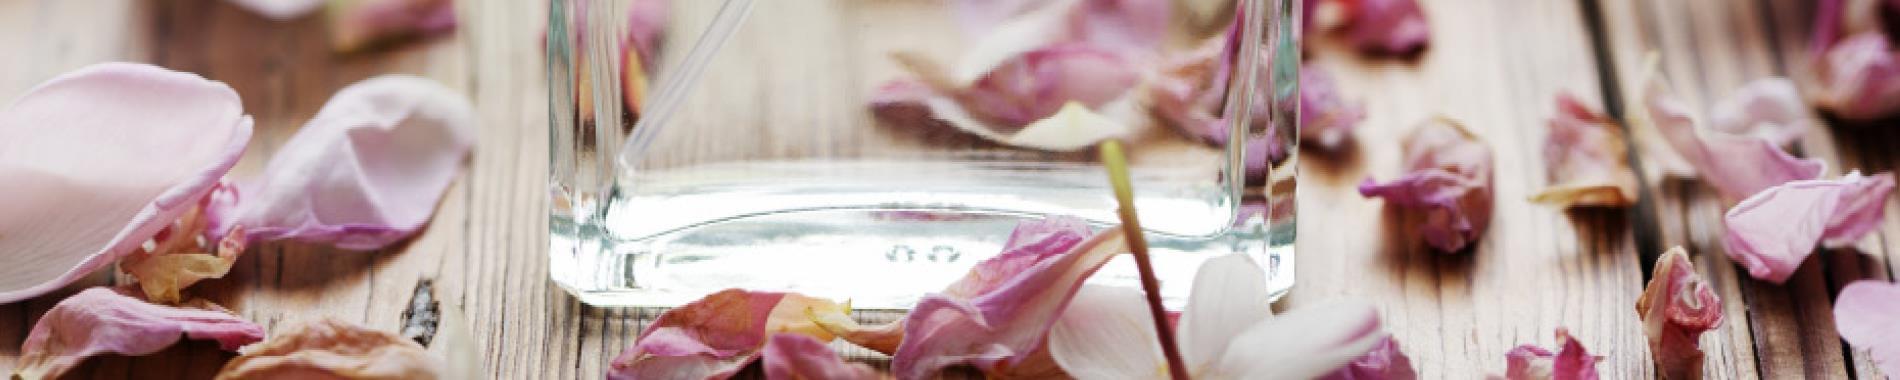 blog-escuela-perfumeria-sandir - Escuela de Perfumería